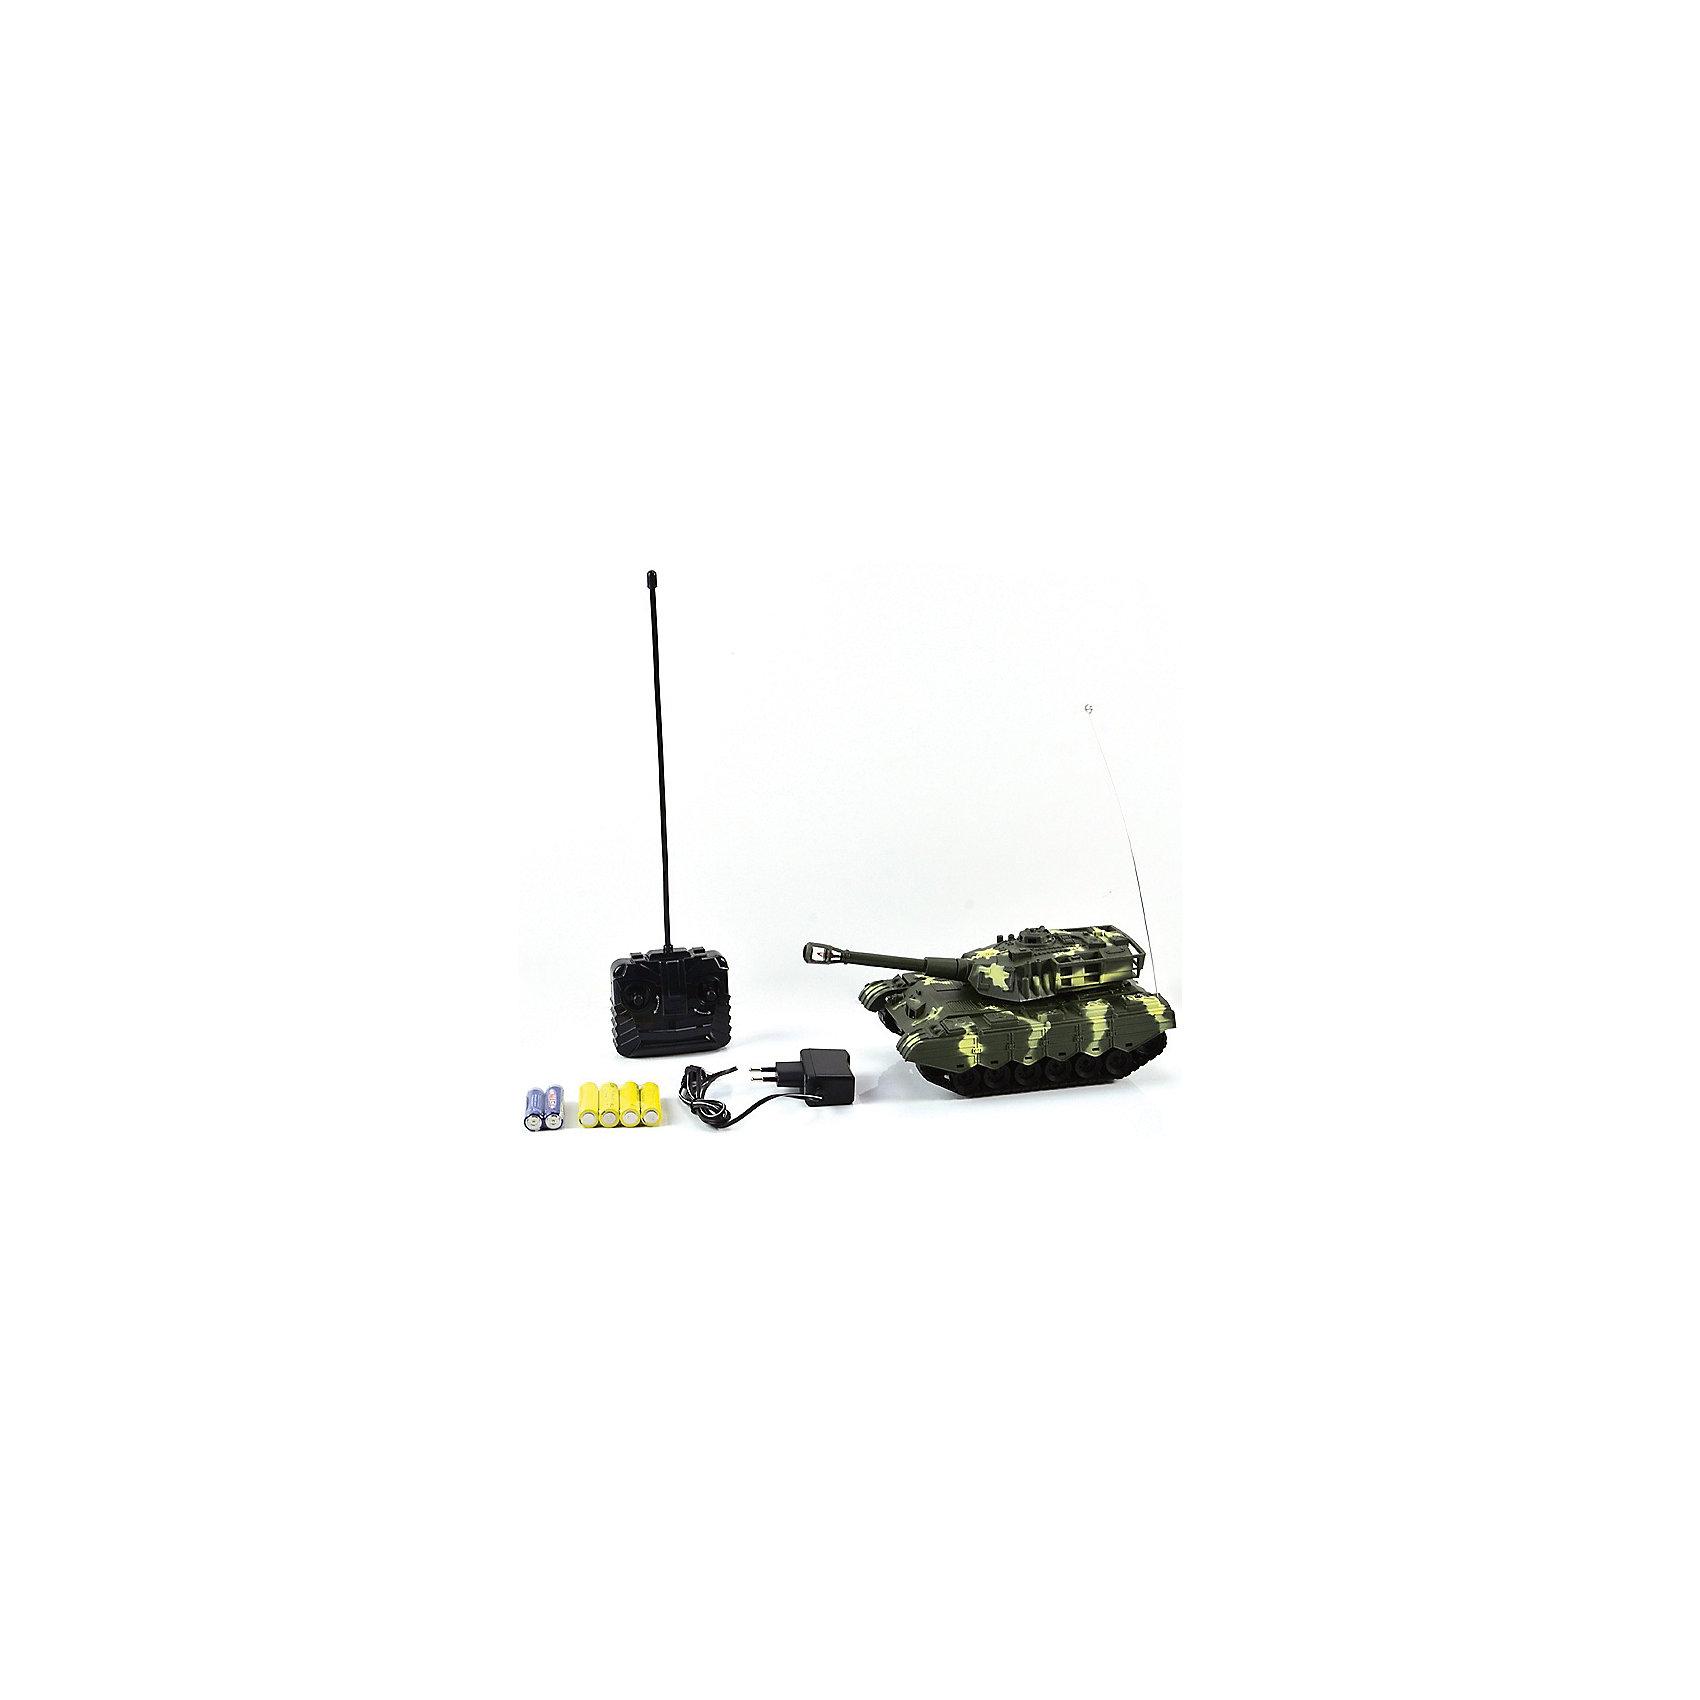 Танк МТ-72, со светом и звуком, на радиоуправлении, Mioshi ArmyВоенный транспорт<br>Танк МТ-72 на радиоуправлении порадует всех юных любителей военной техники. Игрушка является уменьшенной точной копией настоящего танка и выполнена в масштабе 1:28. Танк управляется с помощью пульта радиоуправления, может двигаться во всех направлениях, поворачивать башню на 360 градусов, пушка поднимается и опускается. Во время передвижения слышен звук движущейся машины, шум поворота пушки и звук выстрела. Имеются световые эффекты. Питание осуществляется от аккумулятора (входит в комплекте поставки вместе с зарядным устройством). Игрушка выполнена из качественного и прочного материала, упакована в яркую подарочную коробку. Высокое качество и надежность обеспечивают танку Mioshi Army долгий срок эксплуатации.<br><br>Дополнительная информация:<br><br>- В комплекте: танк, пульт дистанционного управления, зарядное устройство, аккумуляторная батарея, инструкция. <br>- Требуются батарейки (входят в комплект).<br>- Материал: пластик.<br>- Размер танка: 26 см.<br>- Размер: 29 х 15 х 14 см.<br>- Вес: 0,472 кг.<br><br>Танк МТ-72, со светом и звуком, на радиоуправлении, Mioshi Army, можно купить в нашем интернет-магазине.<br><br>Ширина мм: 290<br>Глубина мм: 150<br>Высота мм: 140<br>Вес г: 472<br>Возраст от месяцев: 36<br>Возраст до месяцев: 72<br>Пол: Мужской<br>Возраст: Детский<br>SKU: 4540562